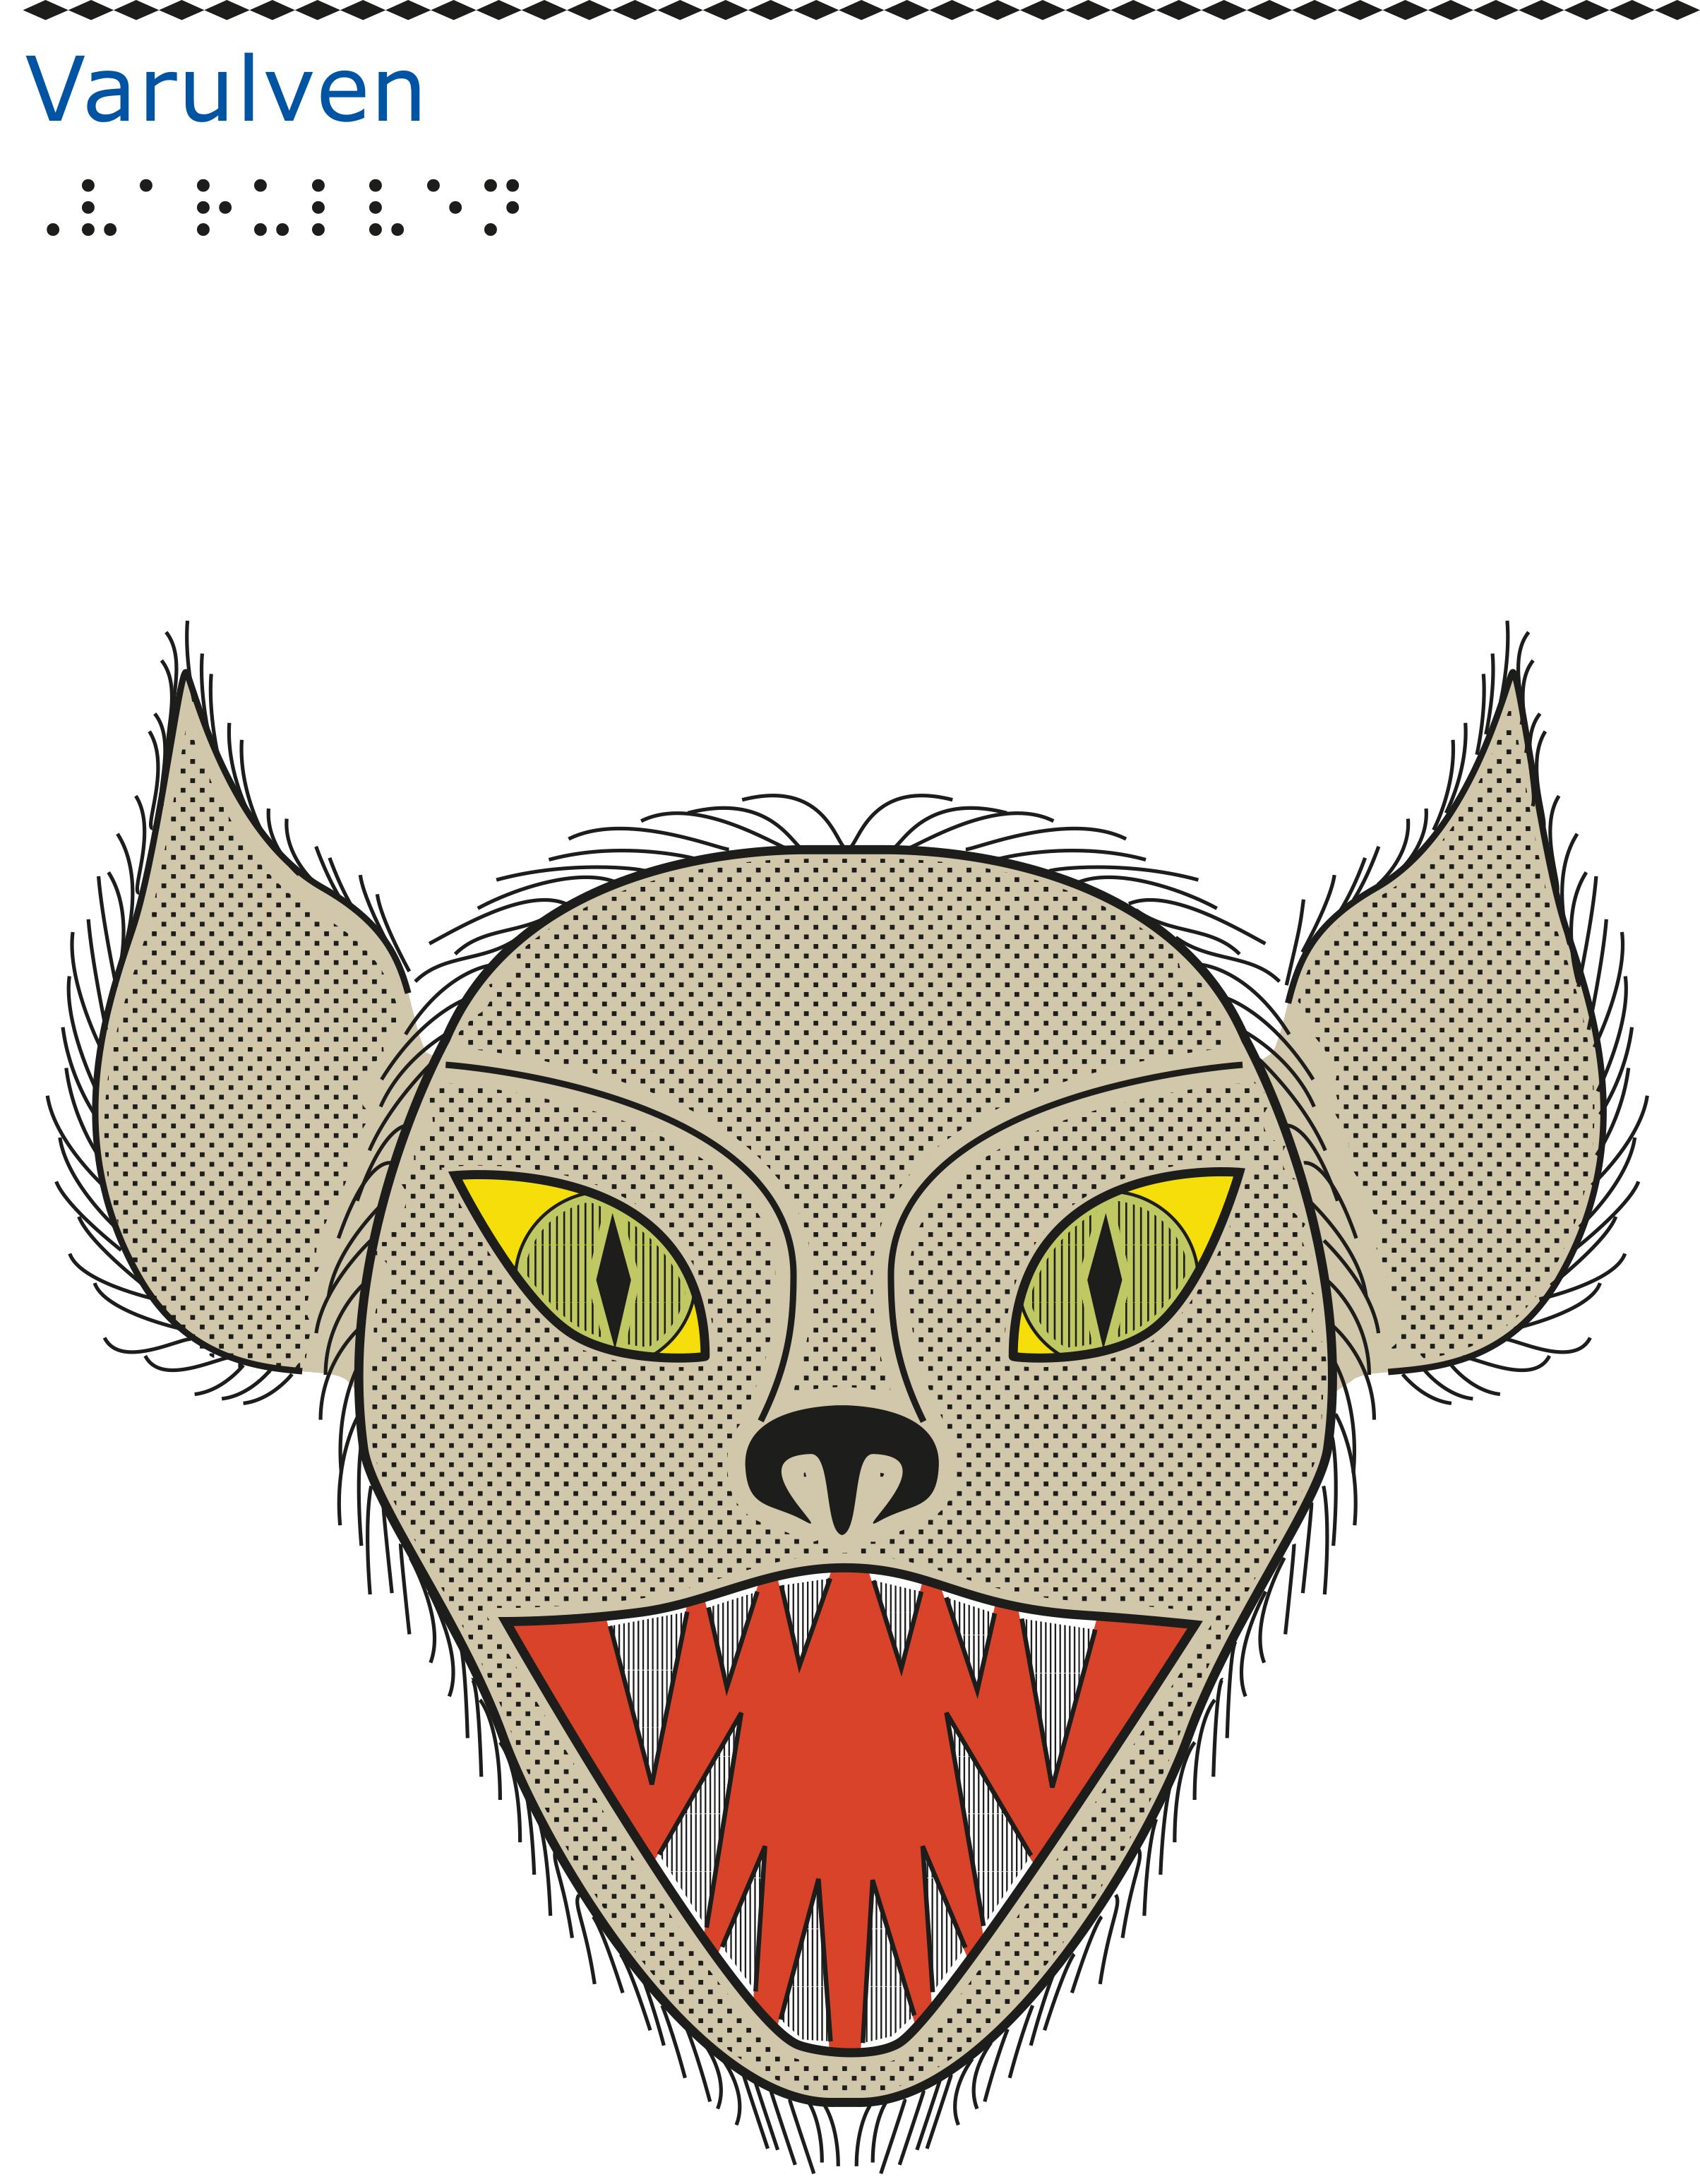 Varulvshuvud framifrån med gröna ögon och öppet gap.